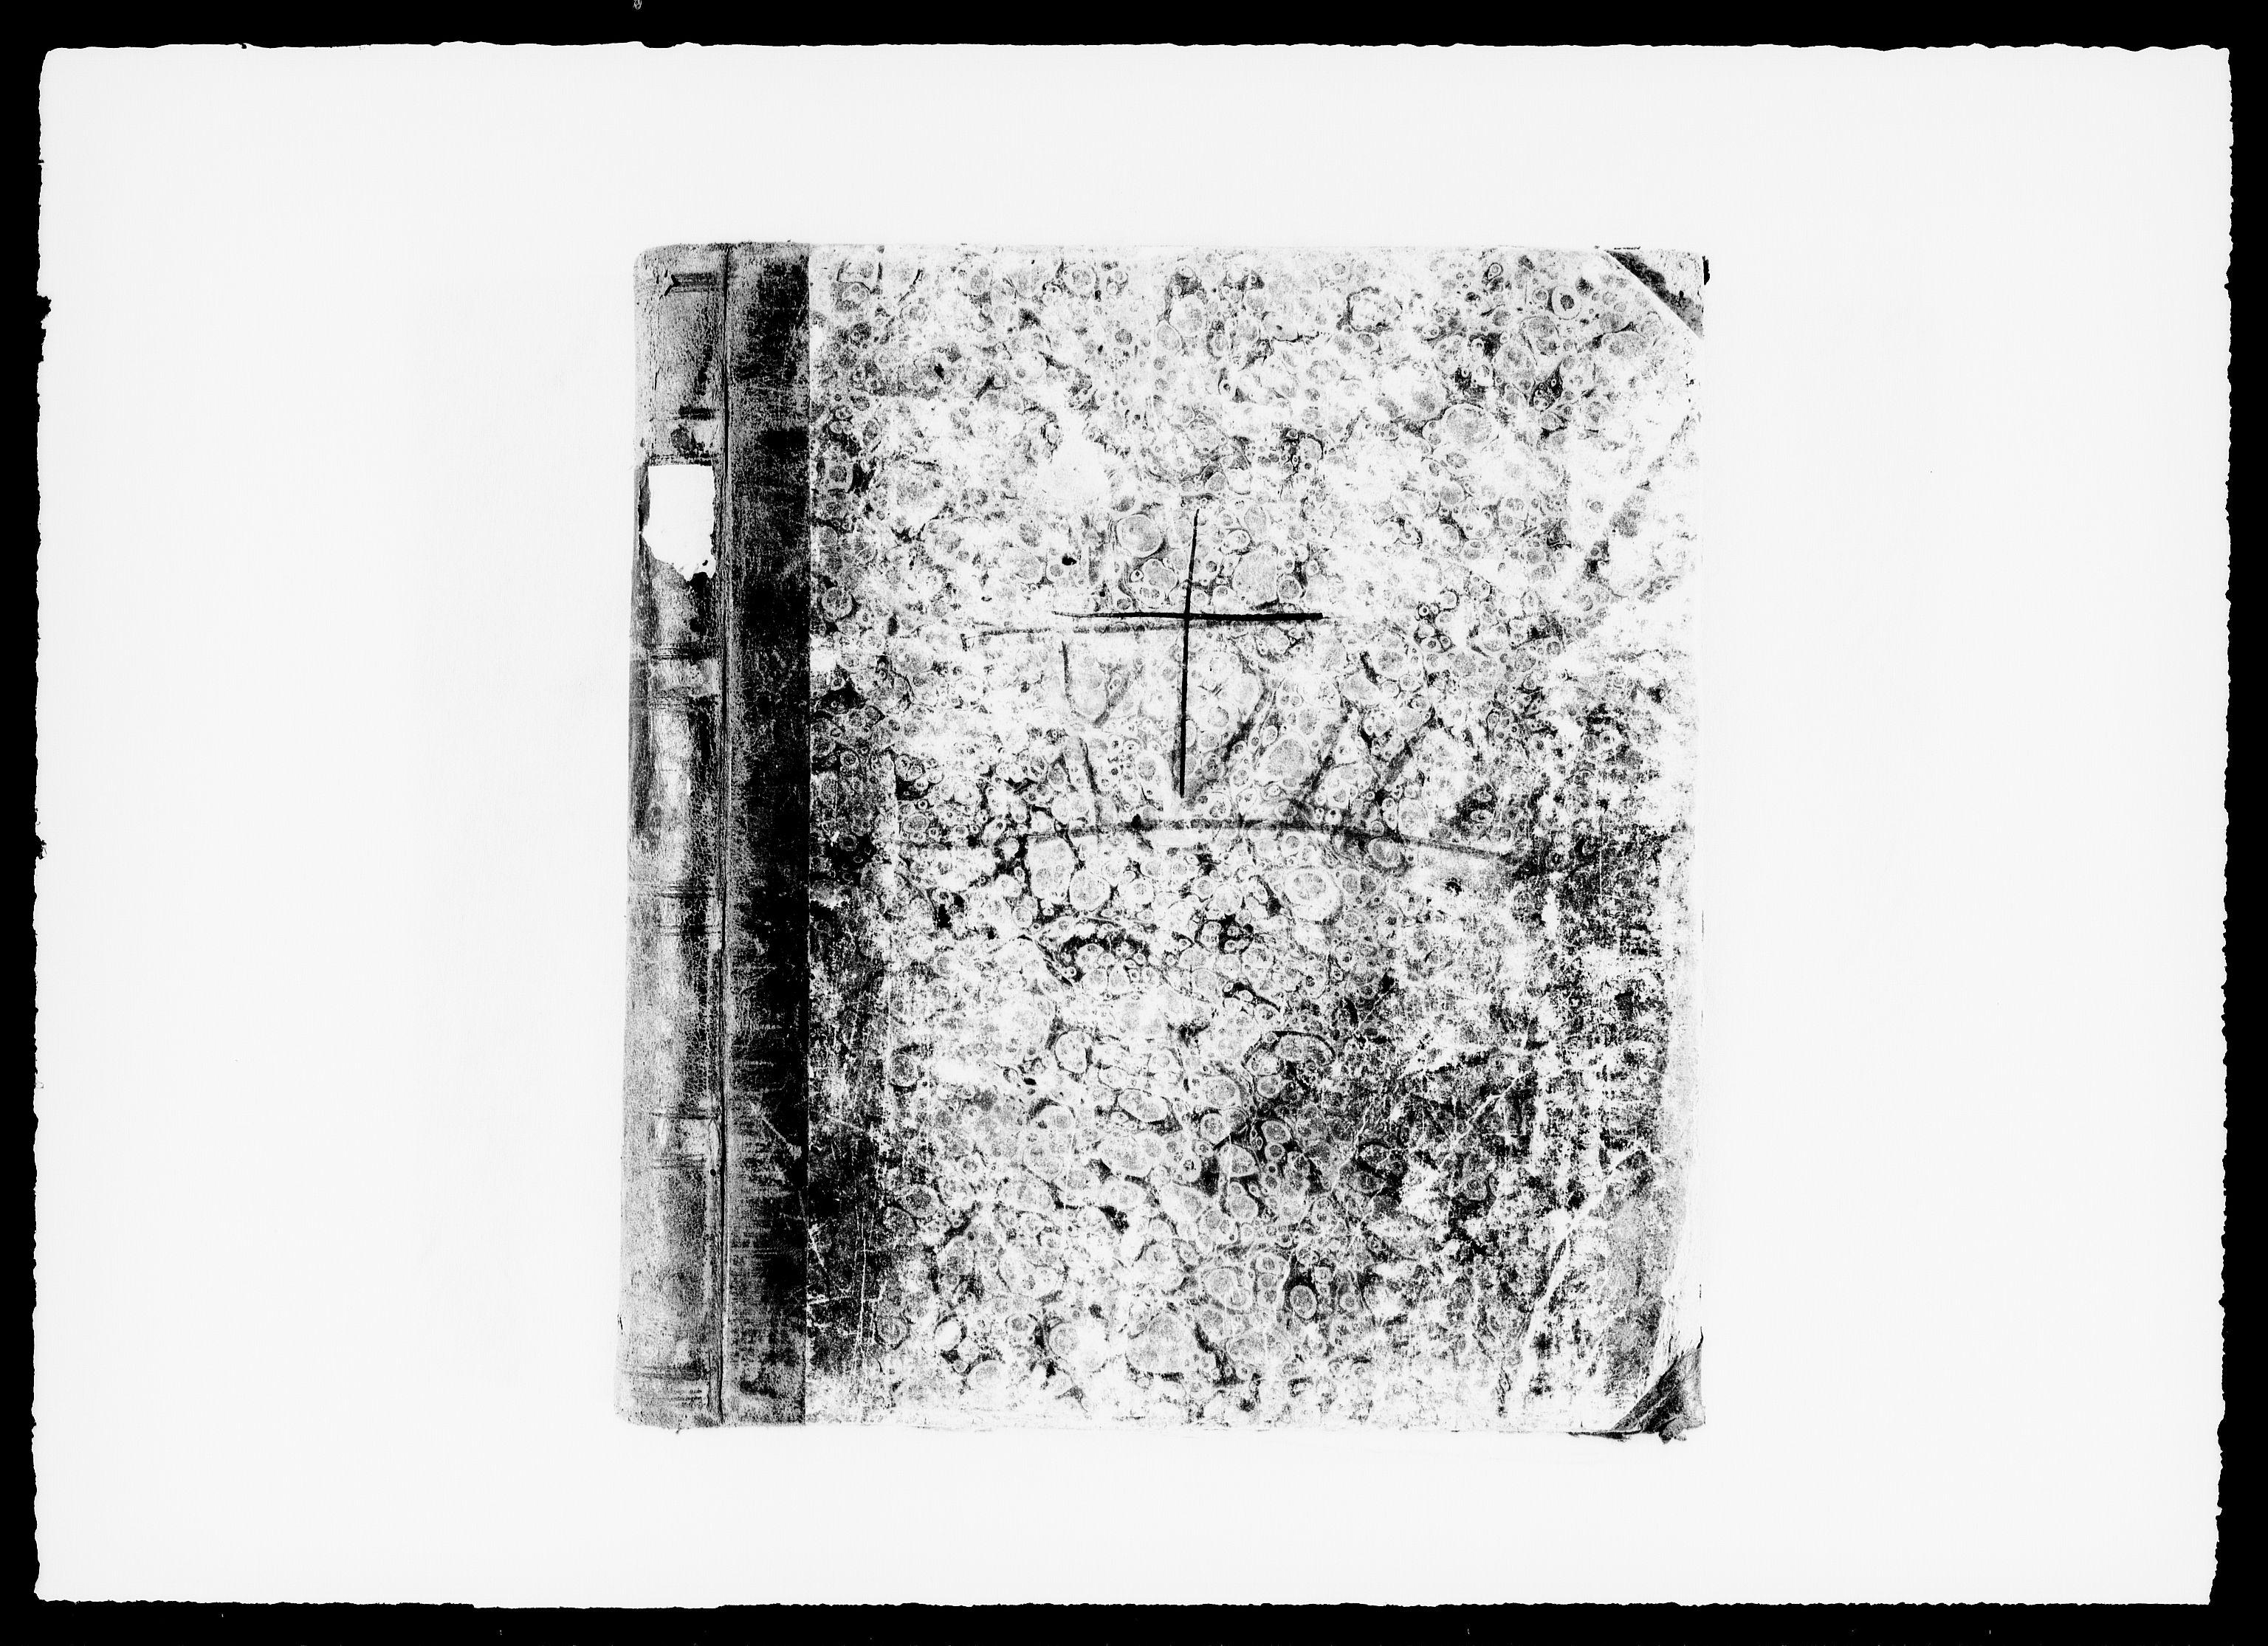 RA, Modums Blaafarveværk, G/Gb/L0066, 1827, s. 2